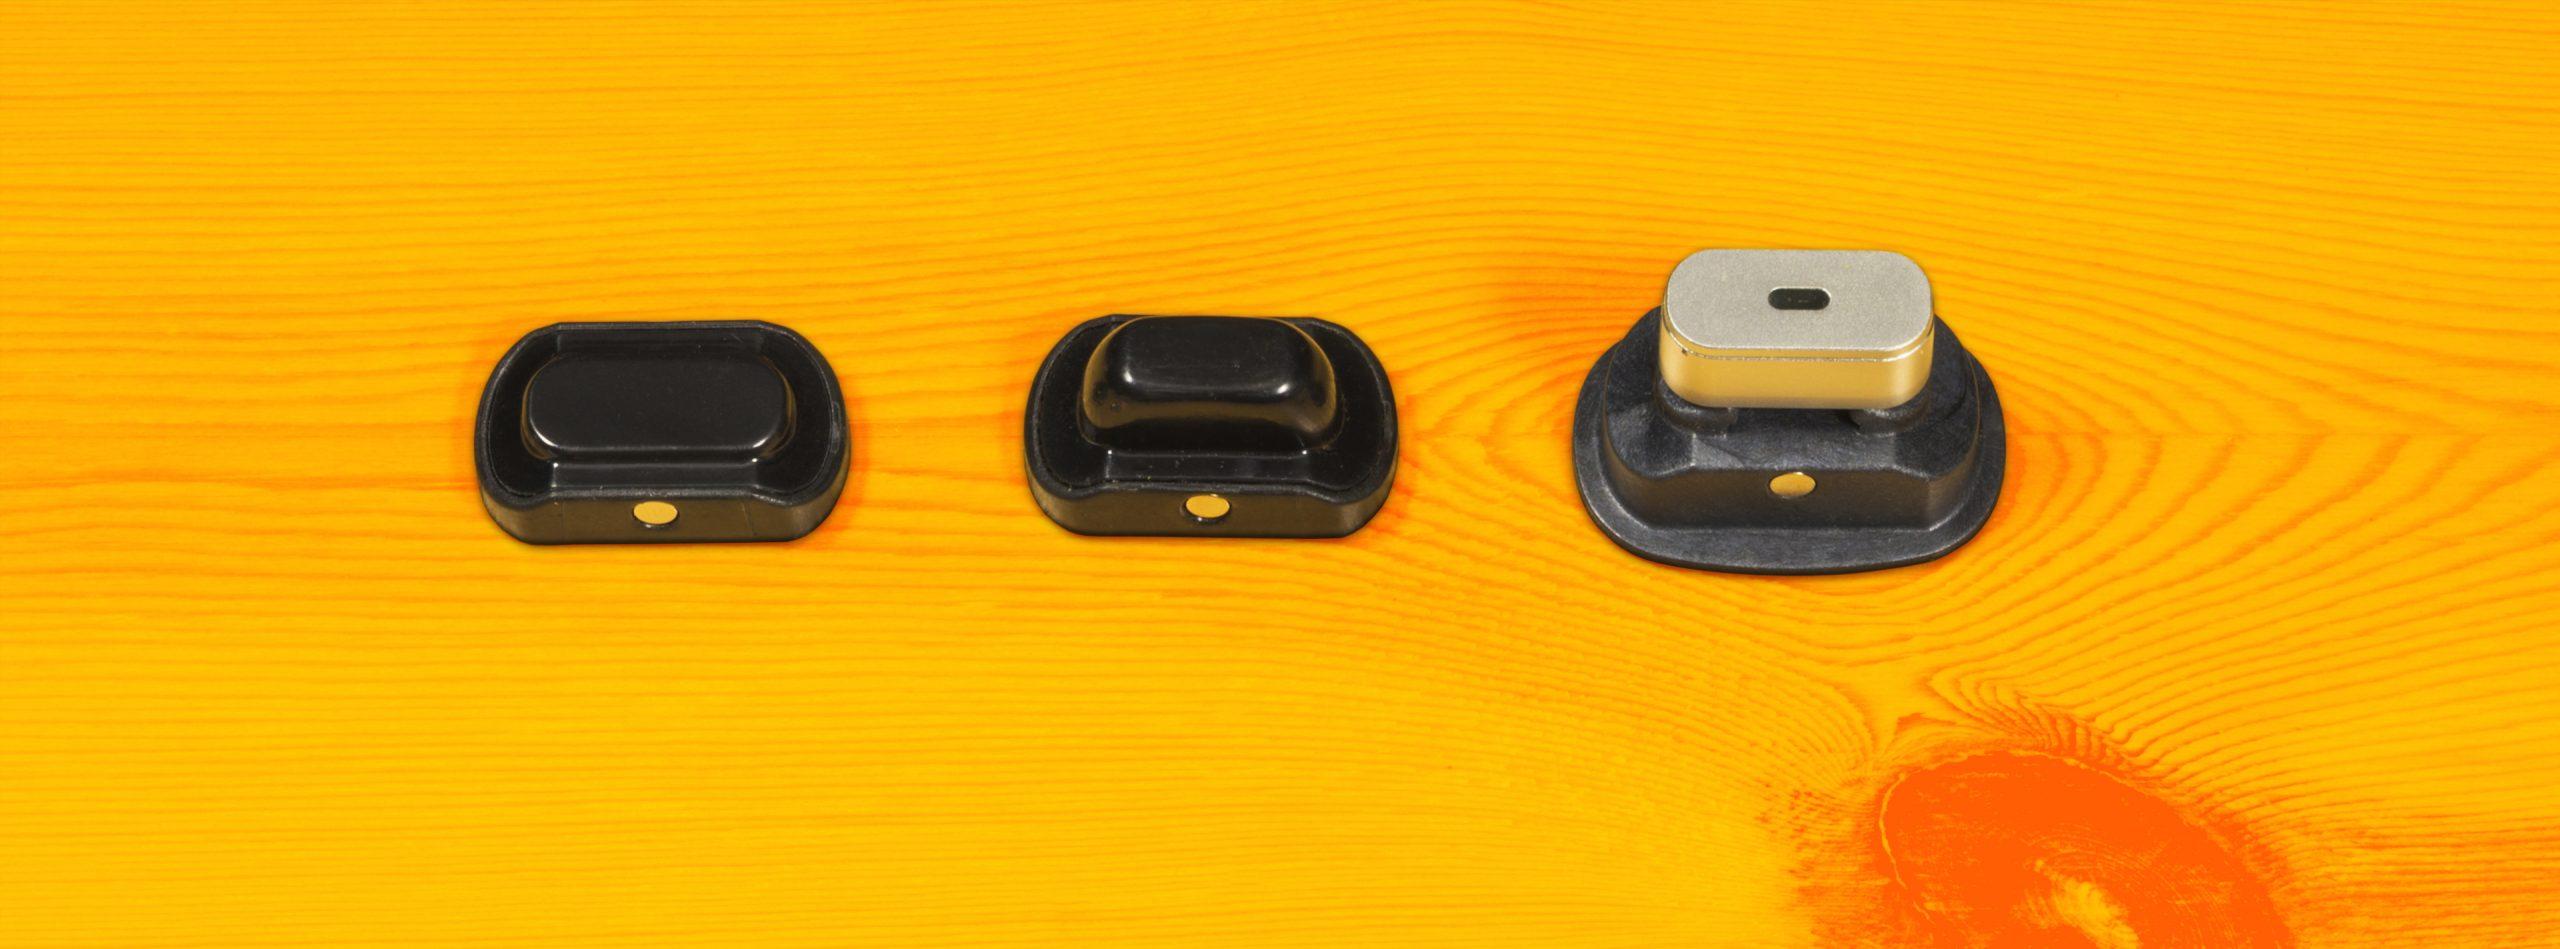 Drie PAX-dekseltjes naast elkaar. Van links naar rechts: de standaarddeksel, de deksel voor halve ladingen en het inzetstuk voor concentraten.